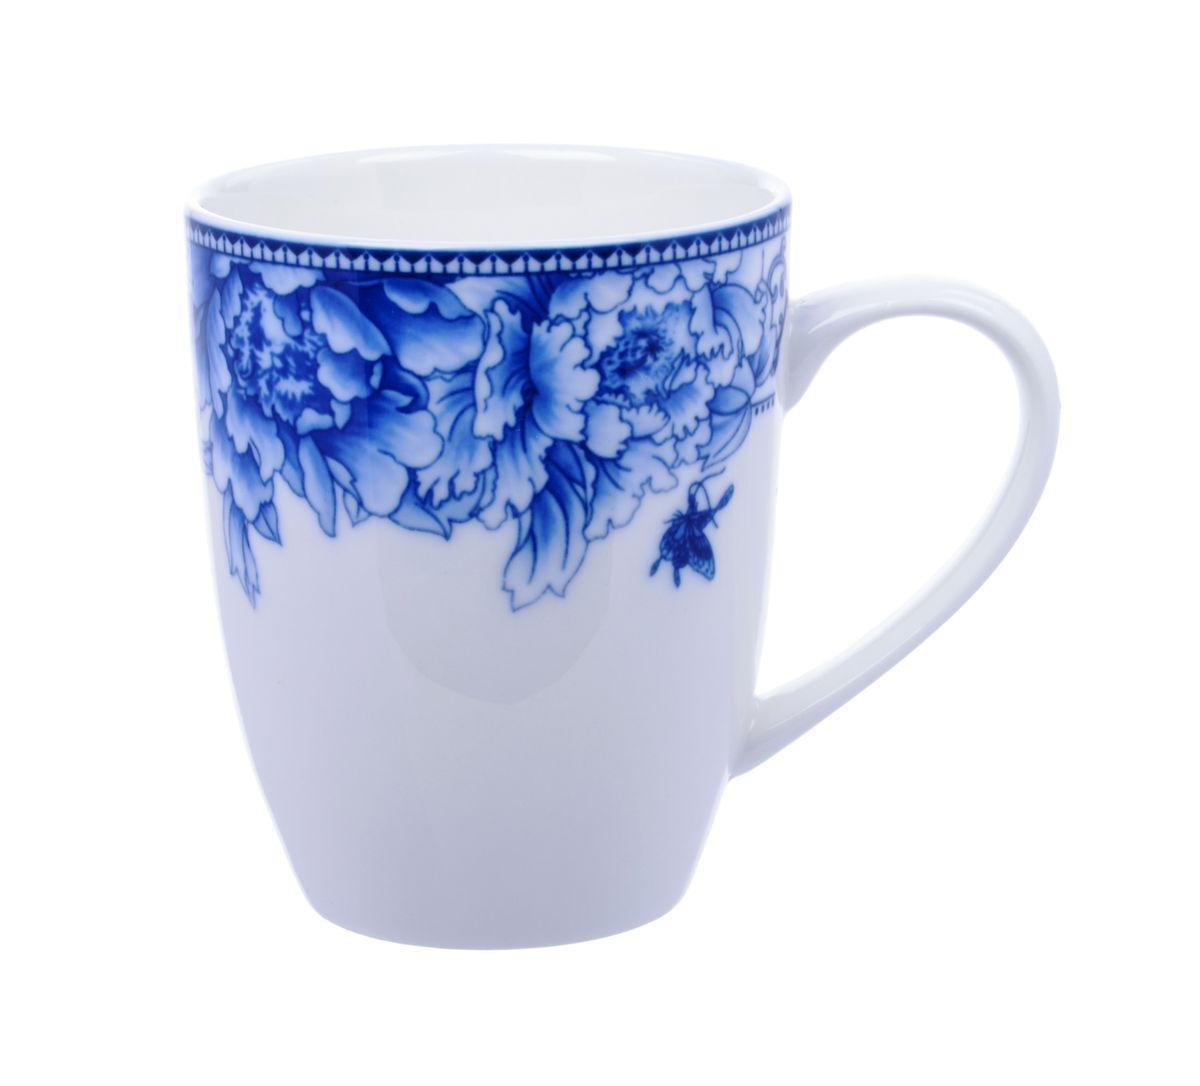 Кружка Nanshan Porcelain Наньшань, 300 млGNNSNN010Кружка Nanshan Porcelain Наньшань, выполненная из высококачественной керамики, декорирована цветочным узором. Изделие оснащено удобной ручкой. Кружка сочетает в себе оригинальный дизайн и функциональность. Благодаря такой кружке пить напитки будет еще вкуснее. Кружка Nanshan Porcelain Наньшань согреет вас долгими холодными вечерами. Можно использовать в посудомоечной машине и микроволновой печи. Объем: 300 мл.Диаметр (по верхнему краю): 8 см.Высота кружки: 10 см.